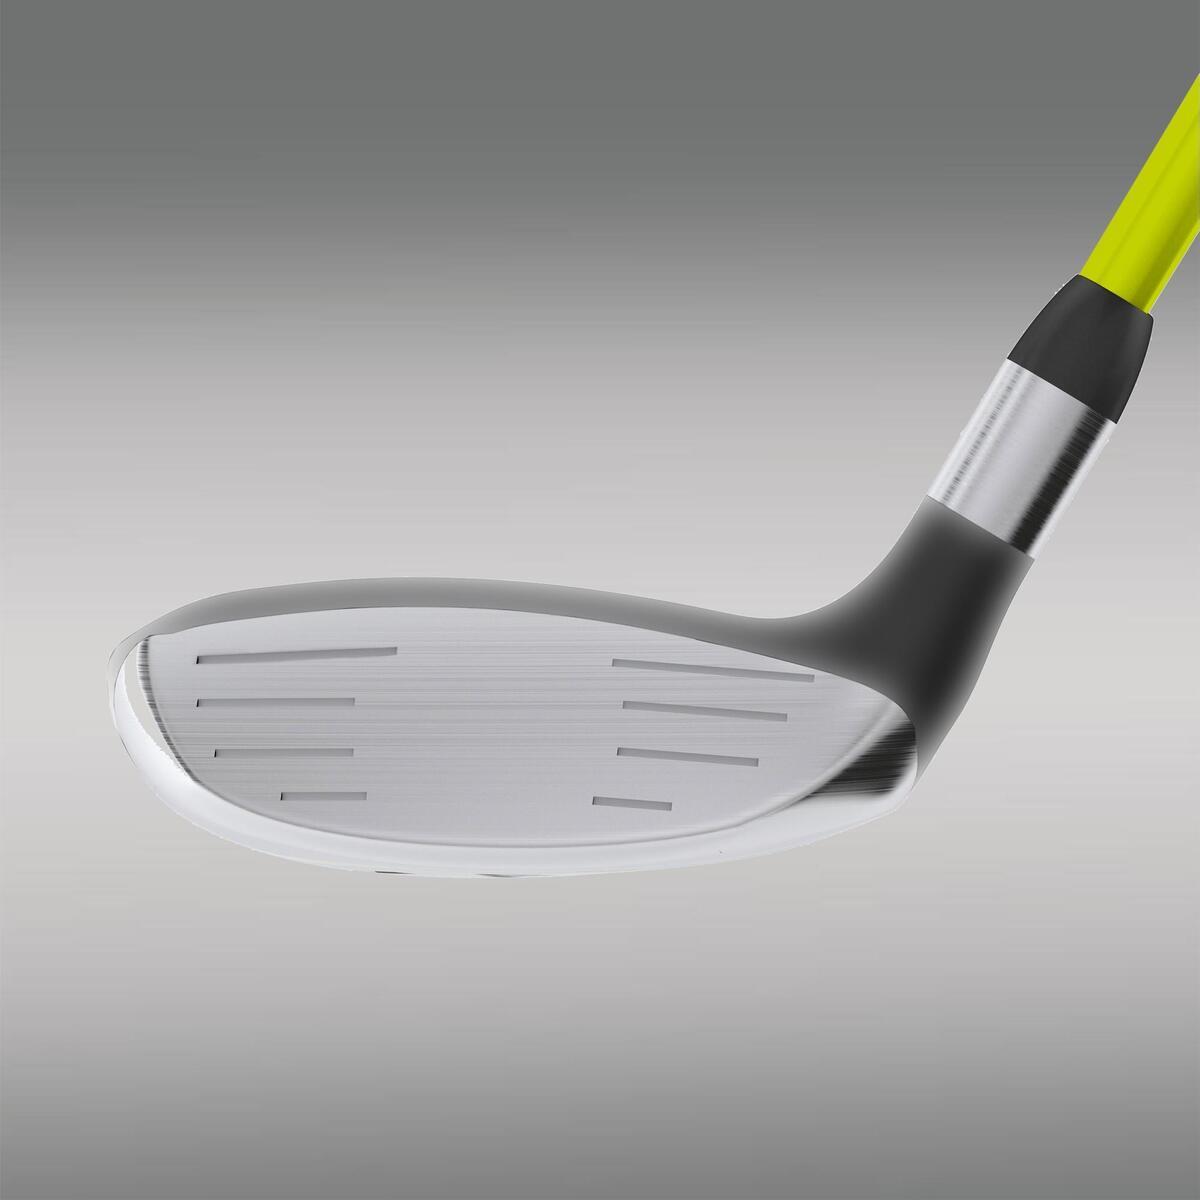 Bild 3 von Golfschläger Set RH Kinder 5–7 Jahre